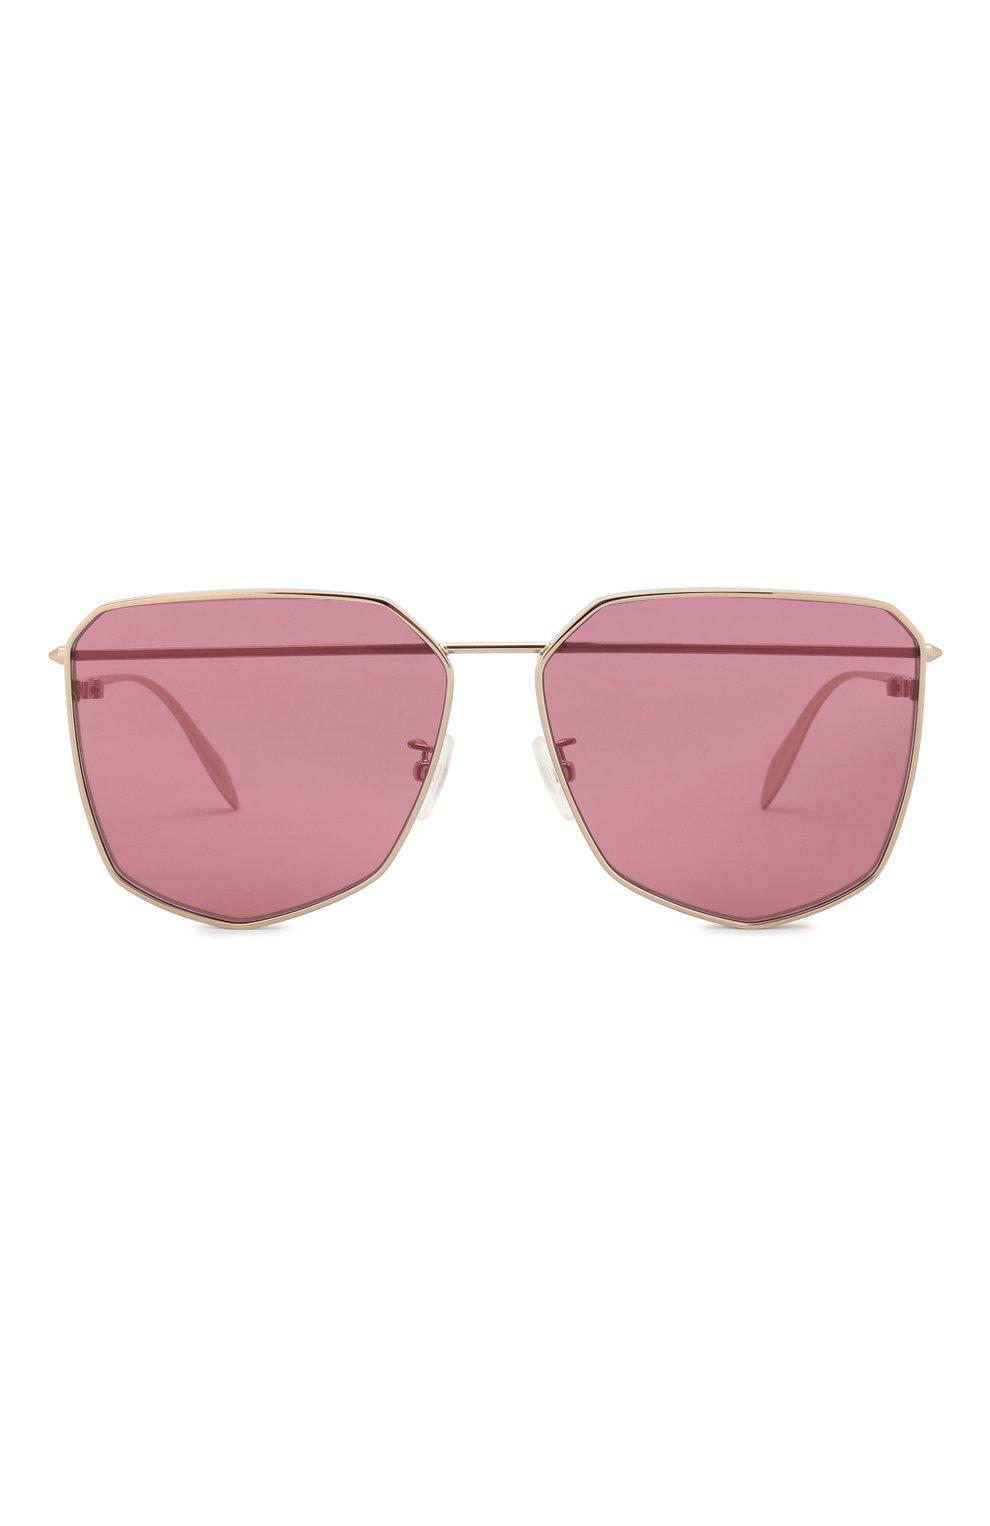 Женские солнцезащитные очки ALEXANDER MCQUEEN розового цвета, арт. AM0136 005 | Фото 3